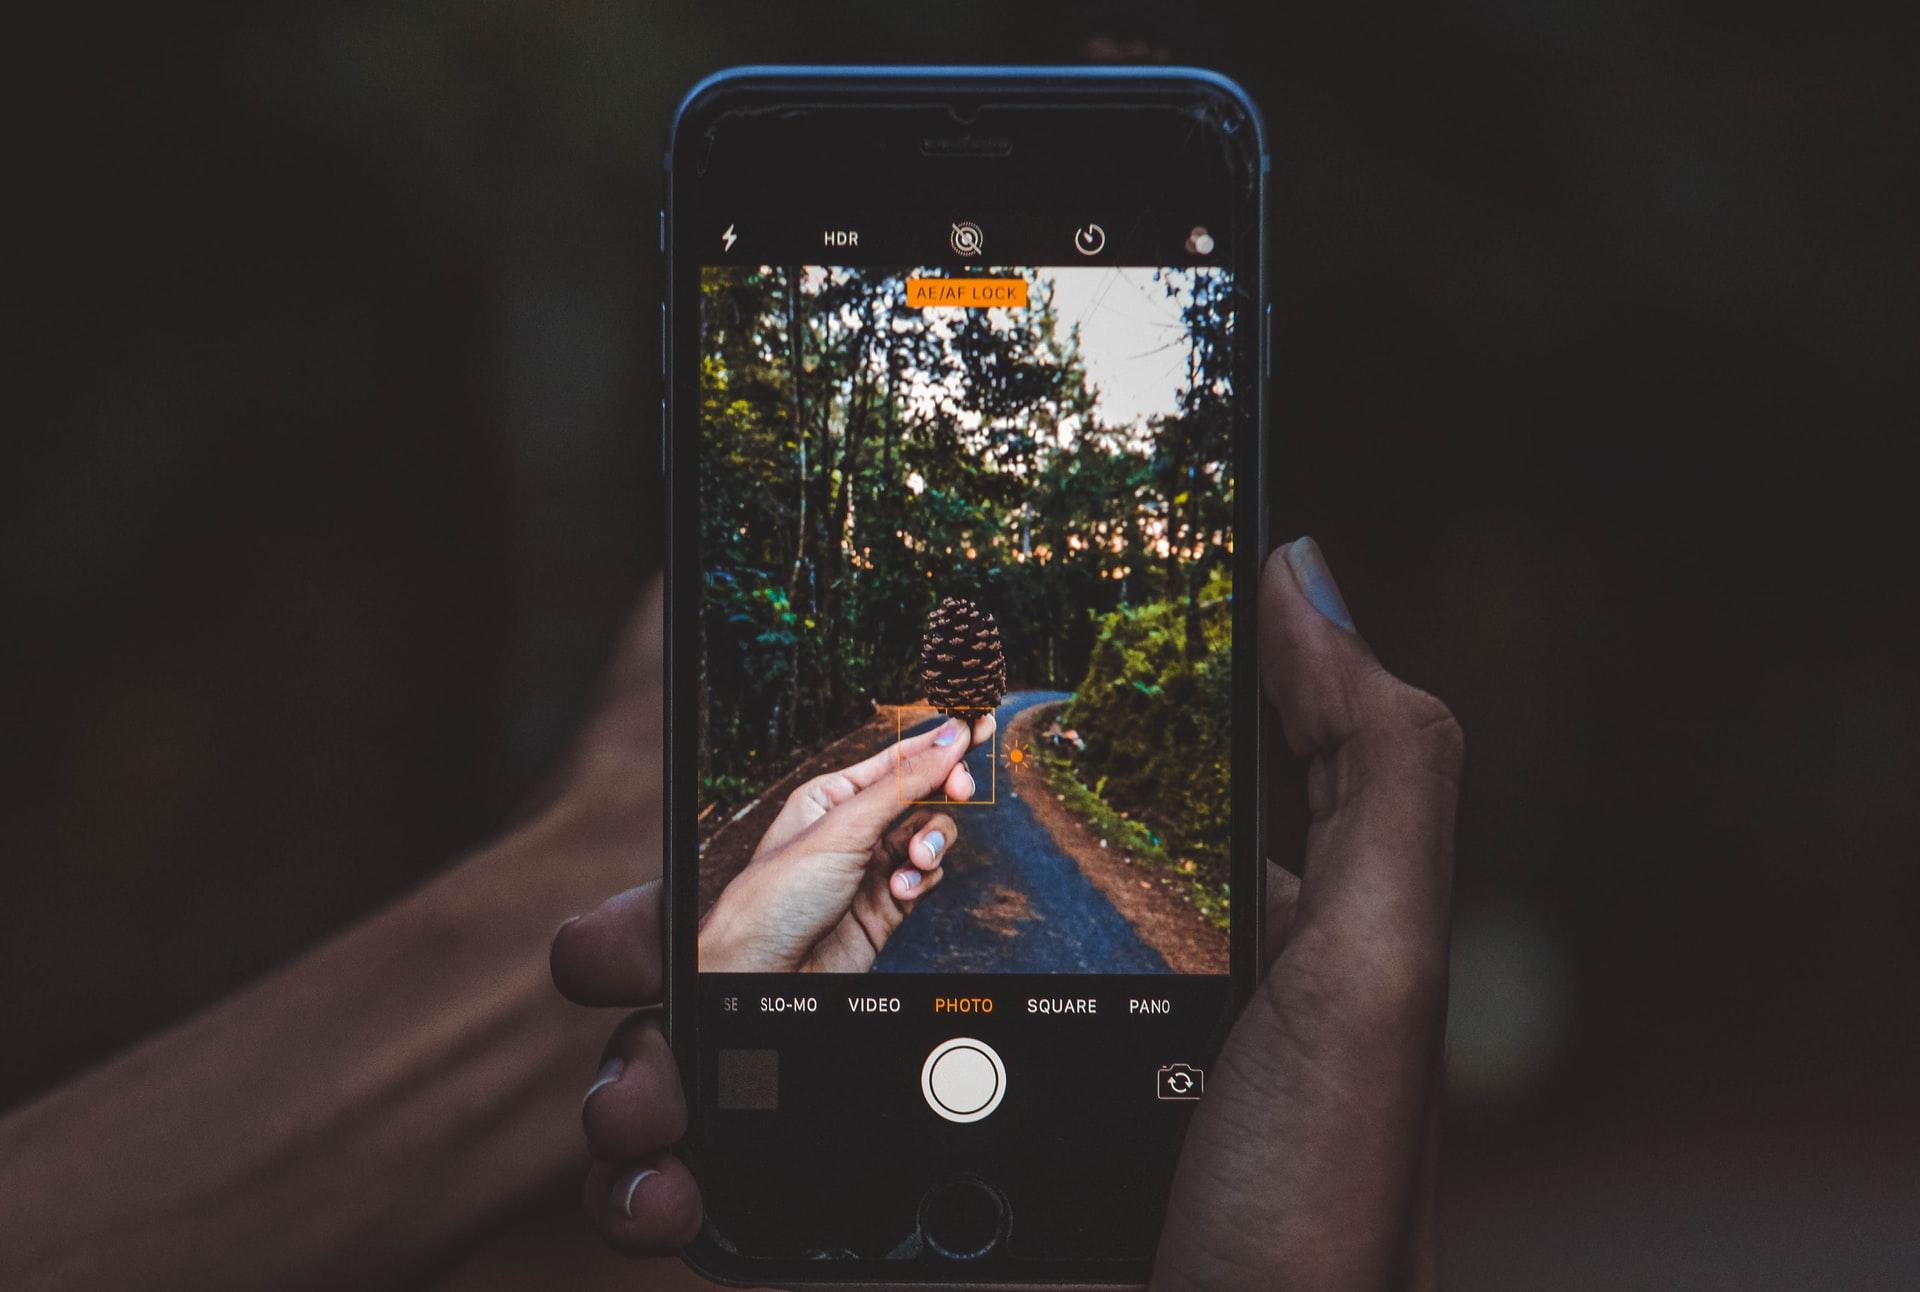 bancos de imagens gratuitos para usar nas redes sociais